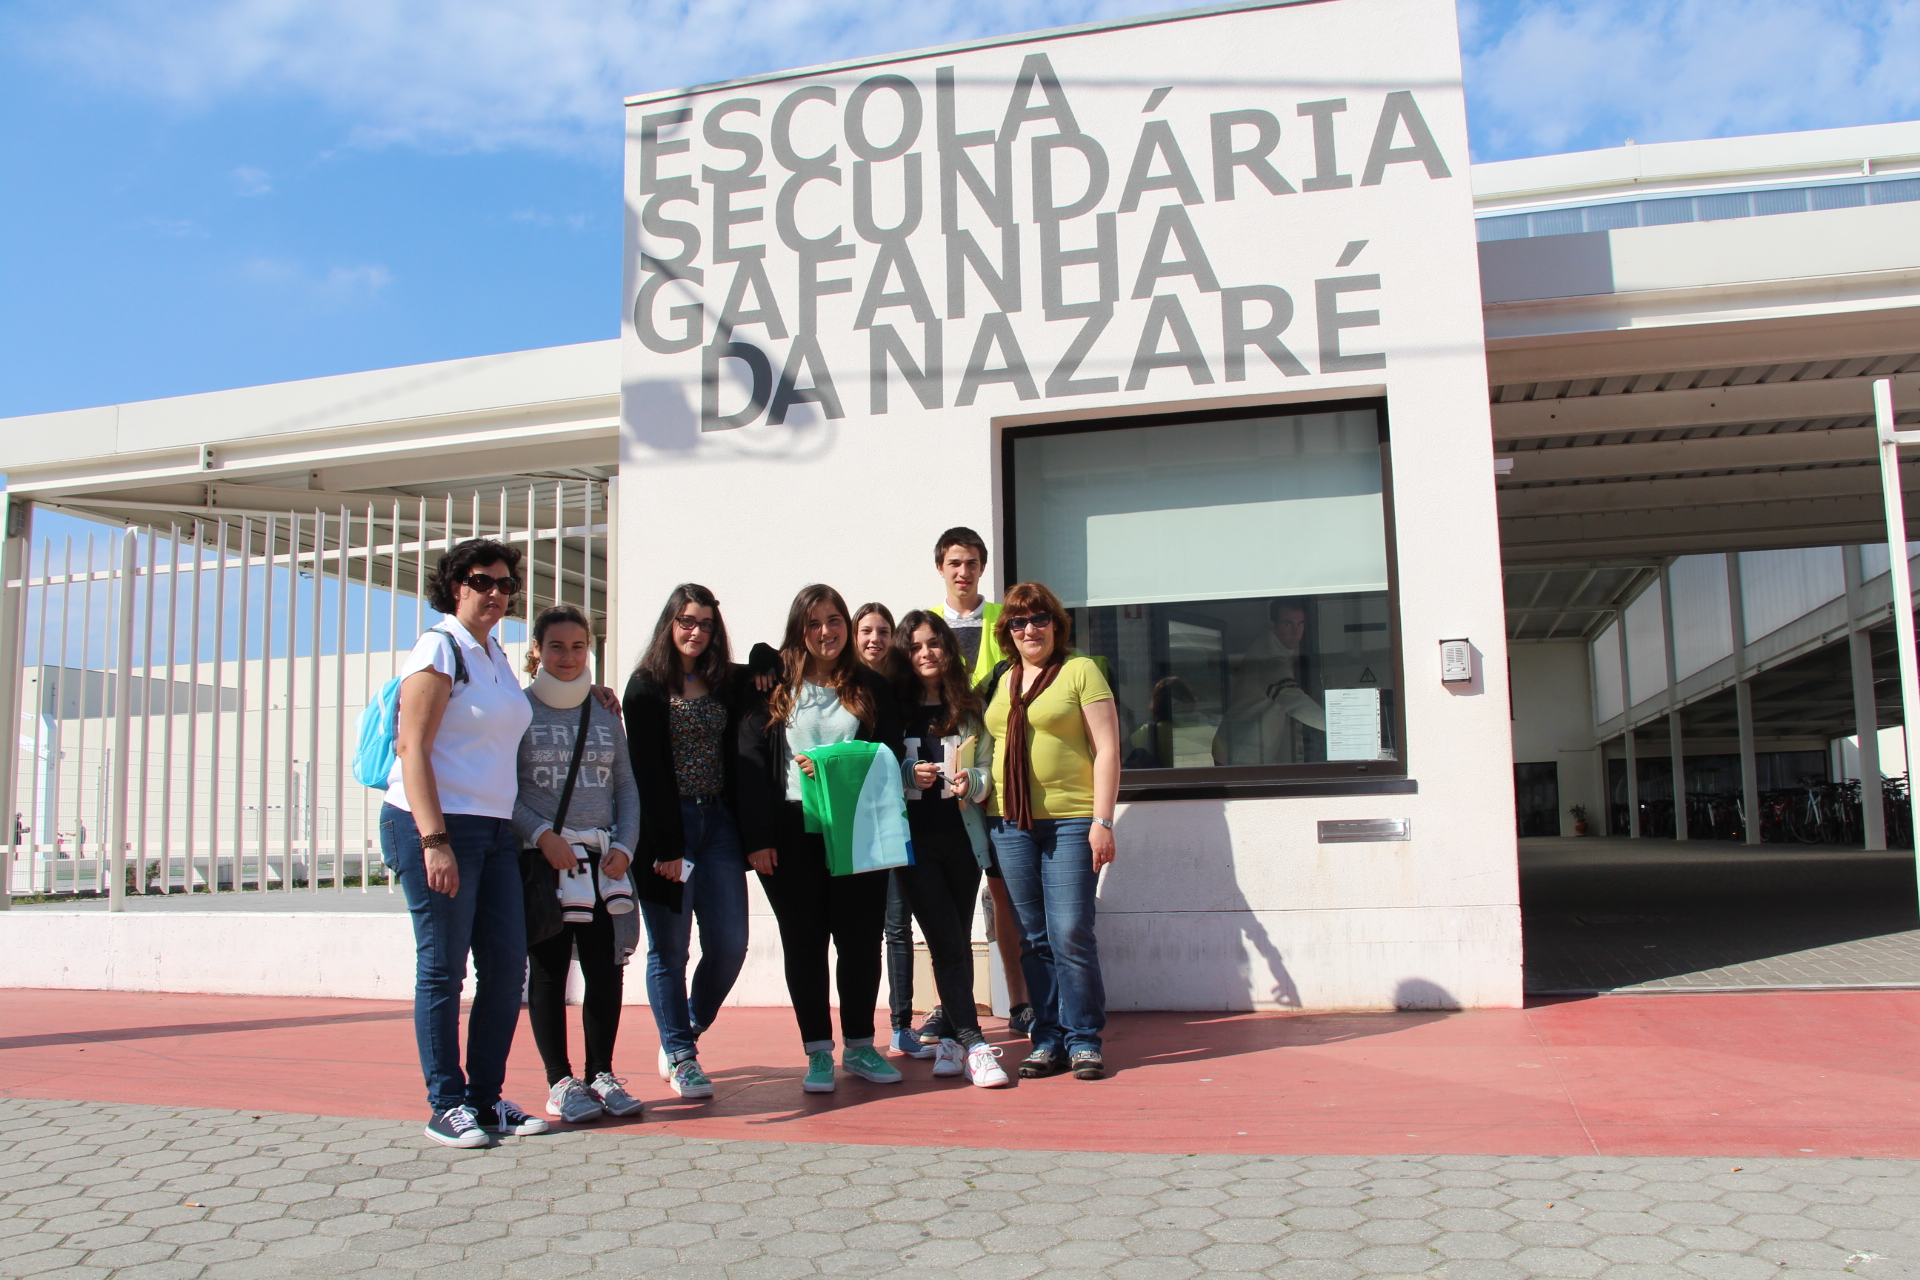 Escola Secundária Gafanha da Nazaré